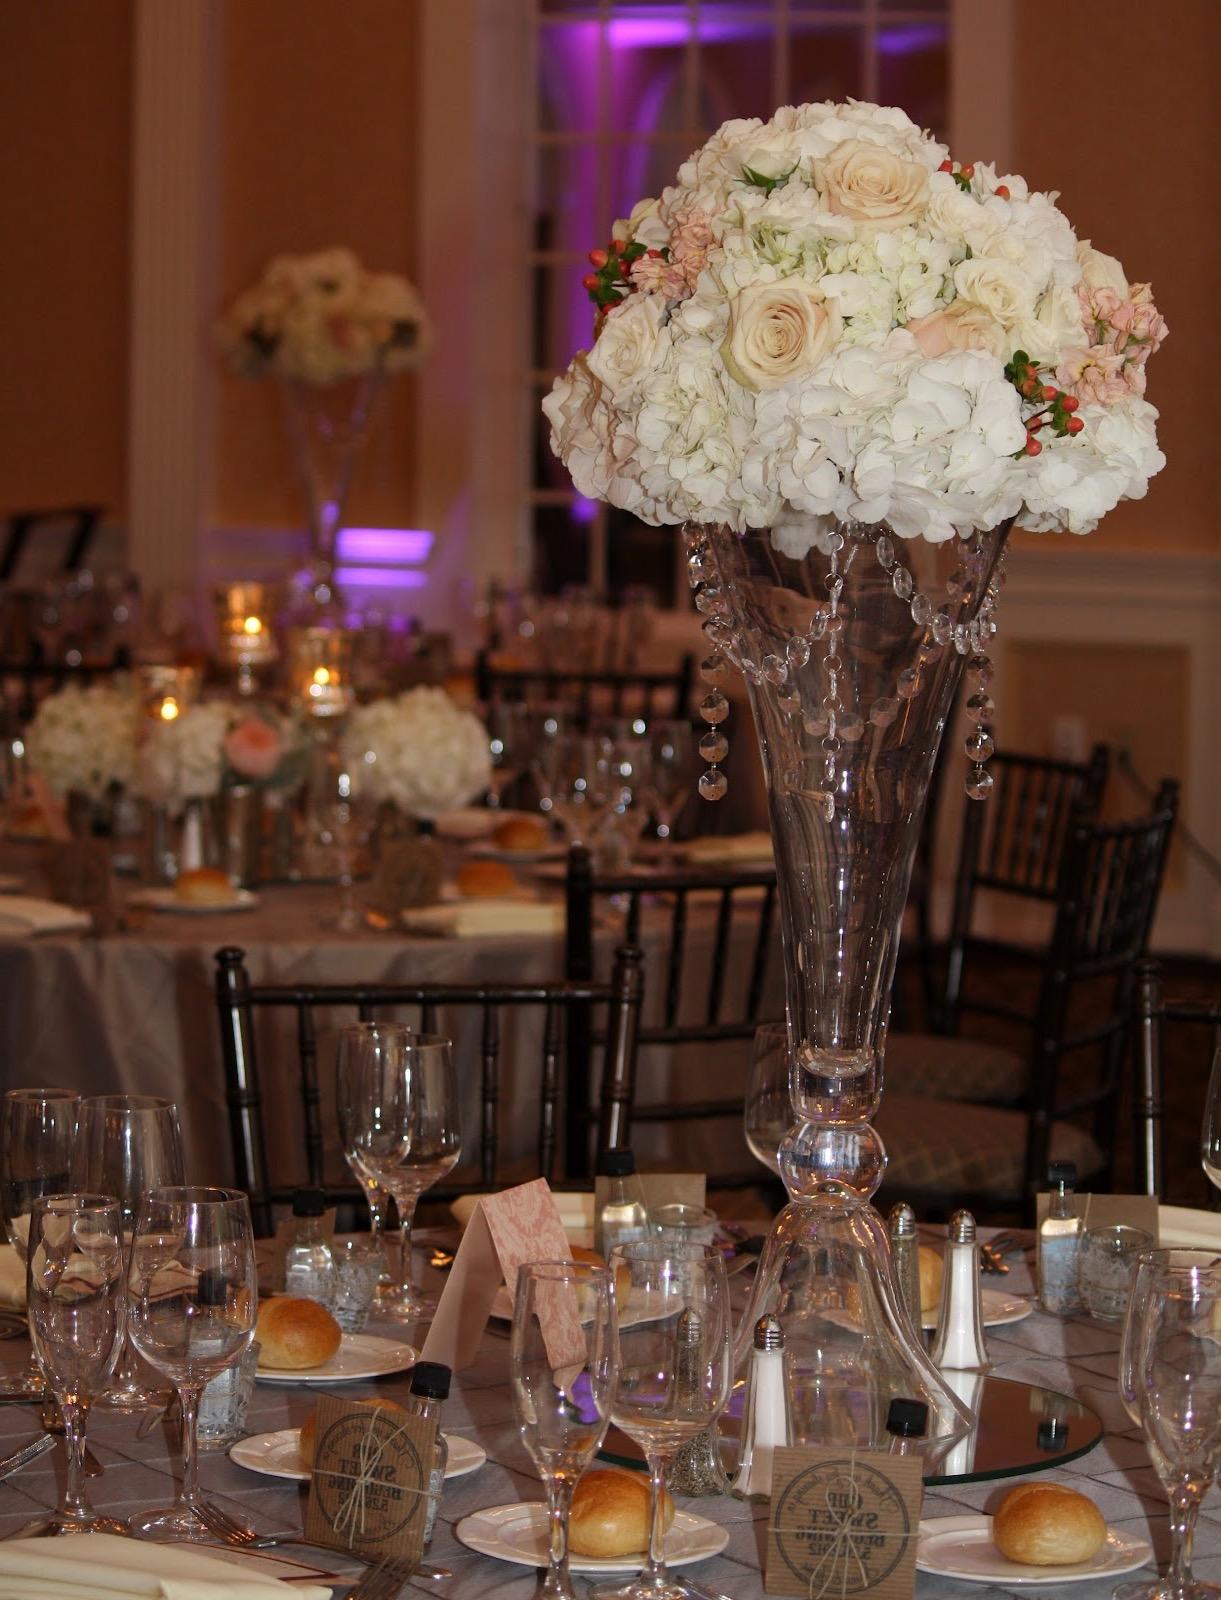 Vase Decoration Ideas Table Centerpieces